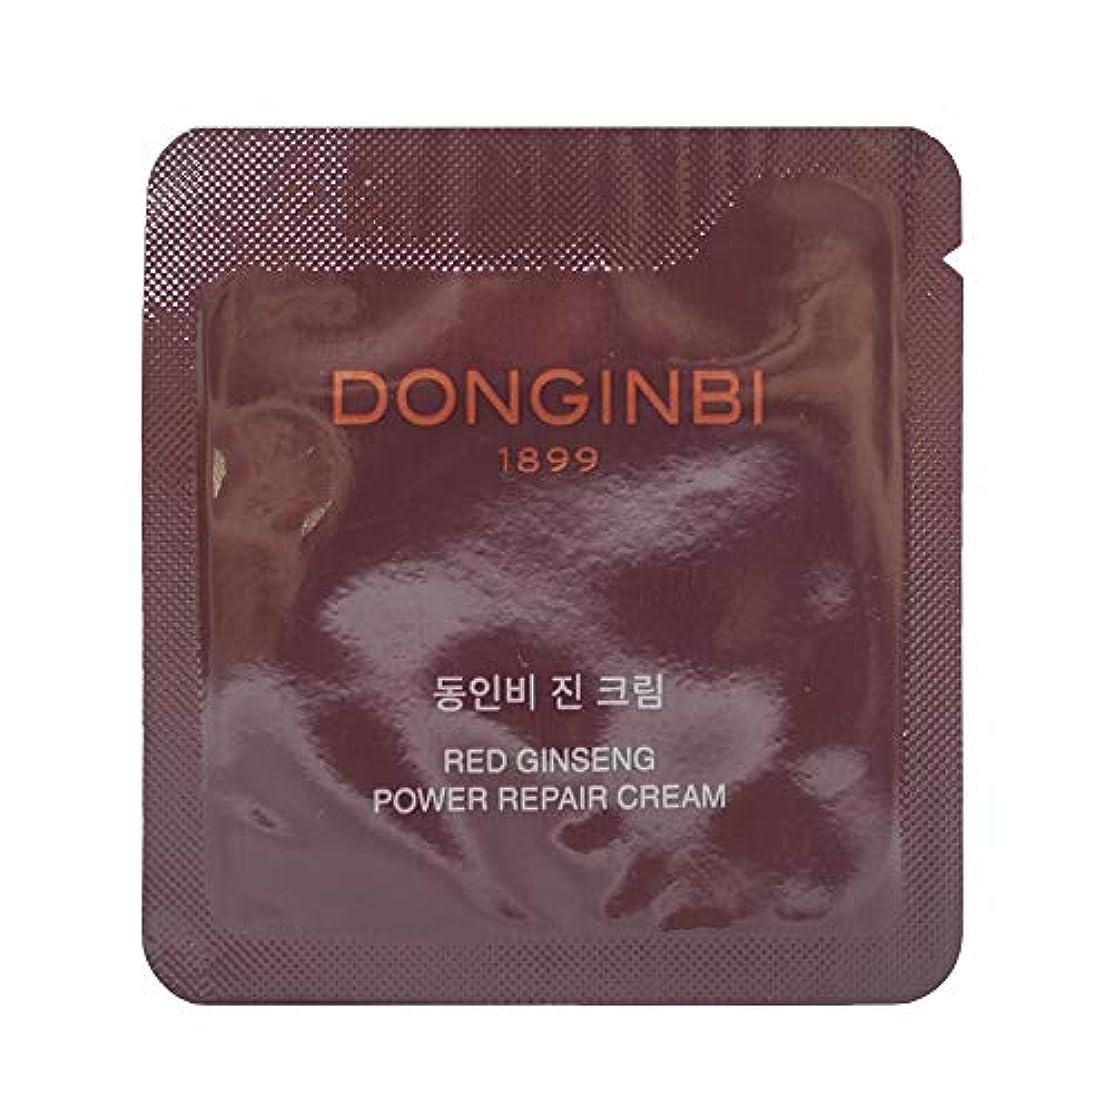 汚すほかに組み合わせる[正官庄/ドンインビ/DONGINBI]ドンインビ?ジン?クリーム1mlx30枚 Donginbi Red Ginseng Power Repair Cream